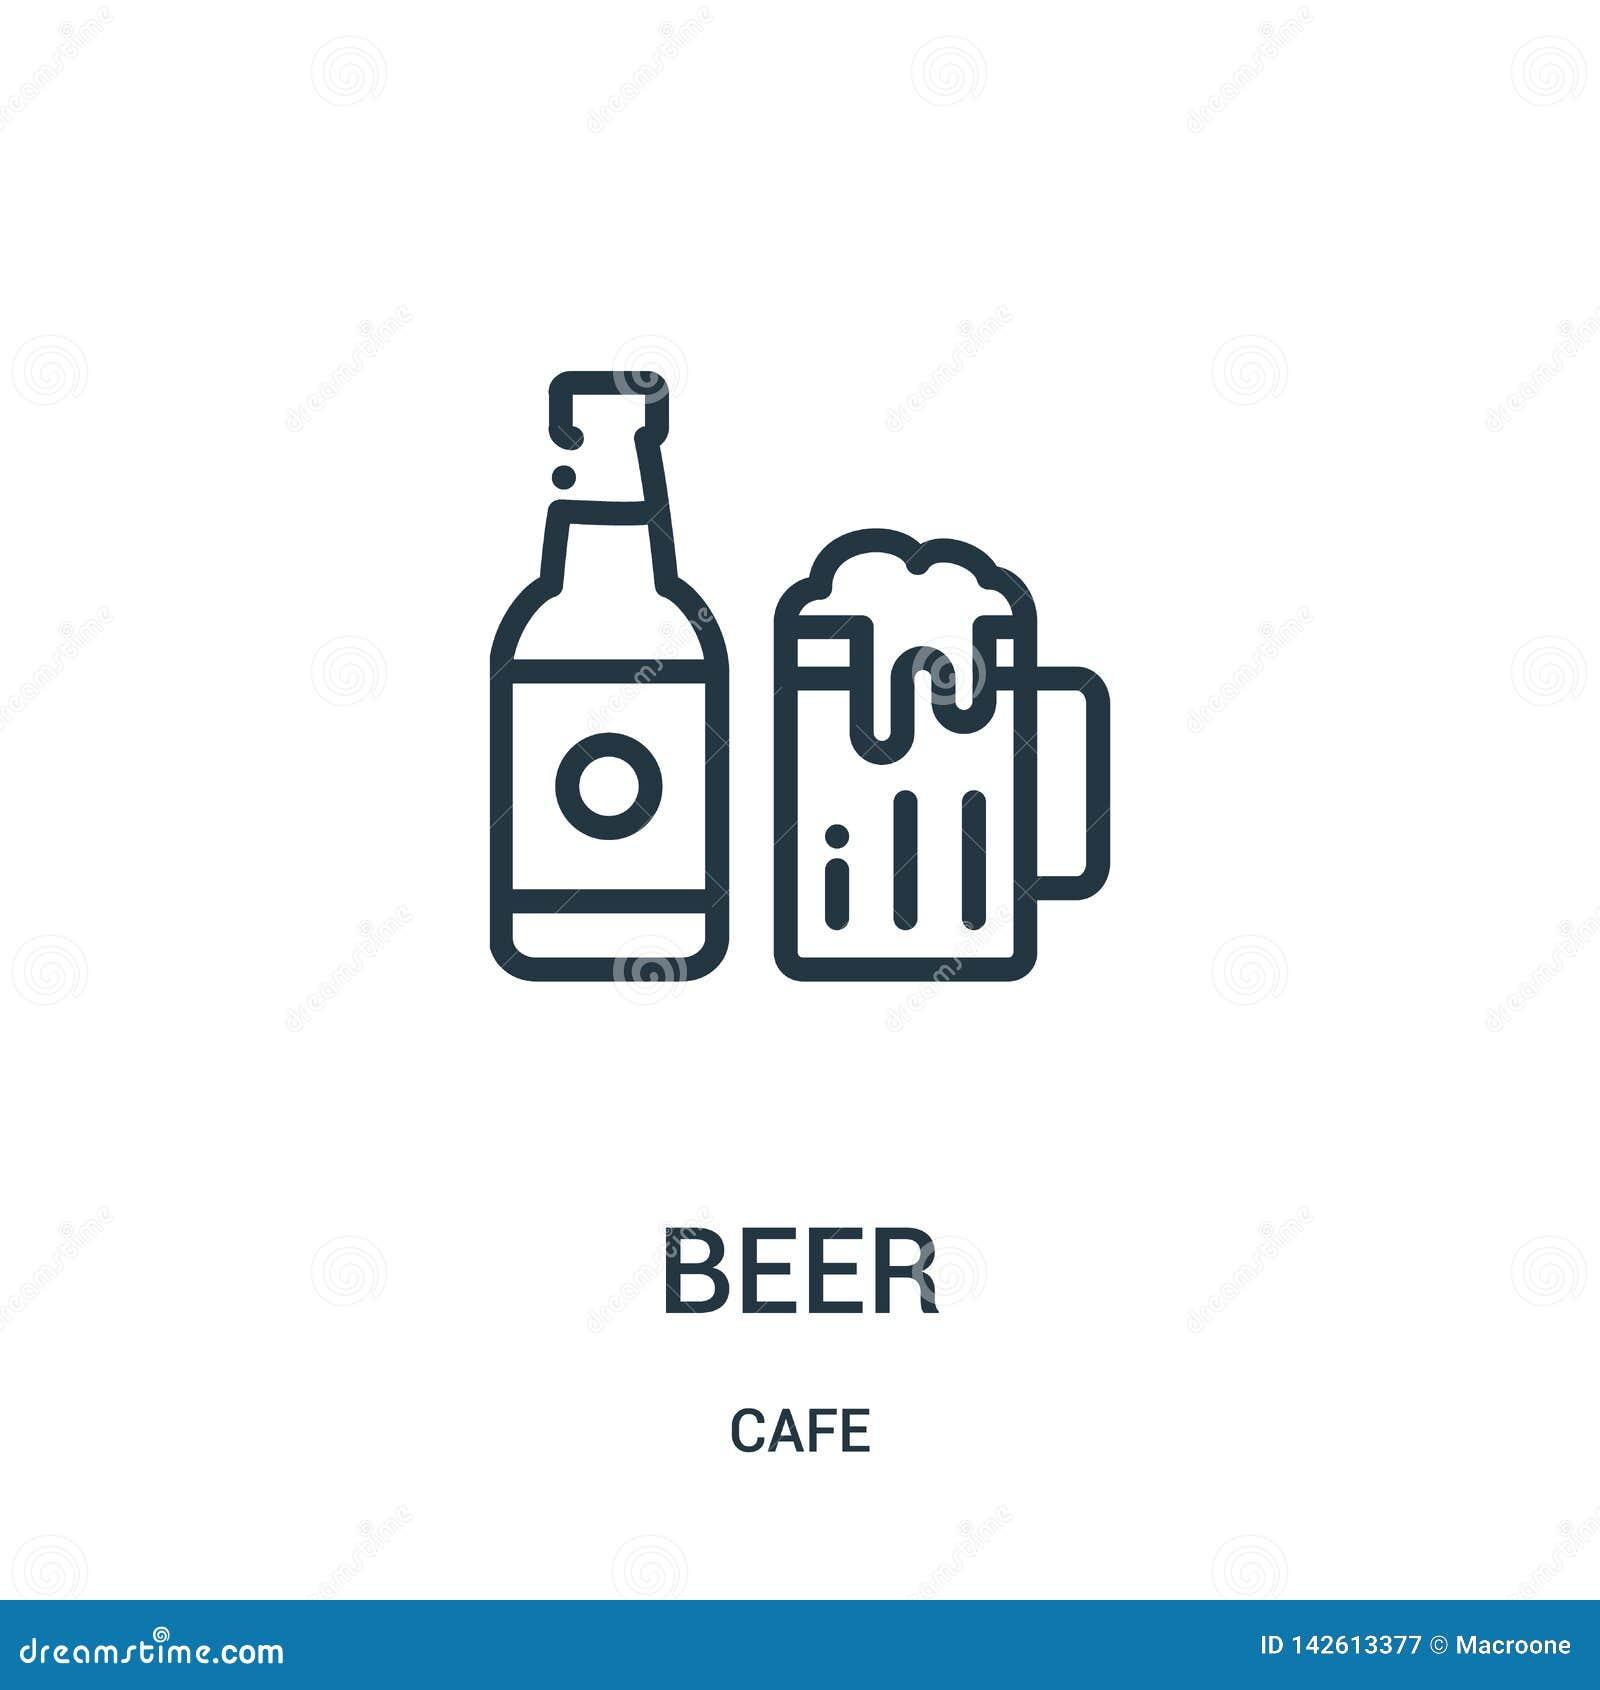 Bierikonenvektor von der Caf?sammlung D?nne Linie Bierentwurfsikonen-Vektorillustration Lineares Symbol